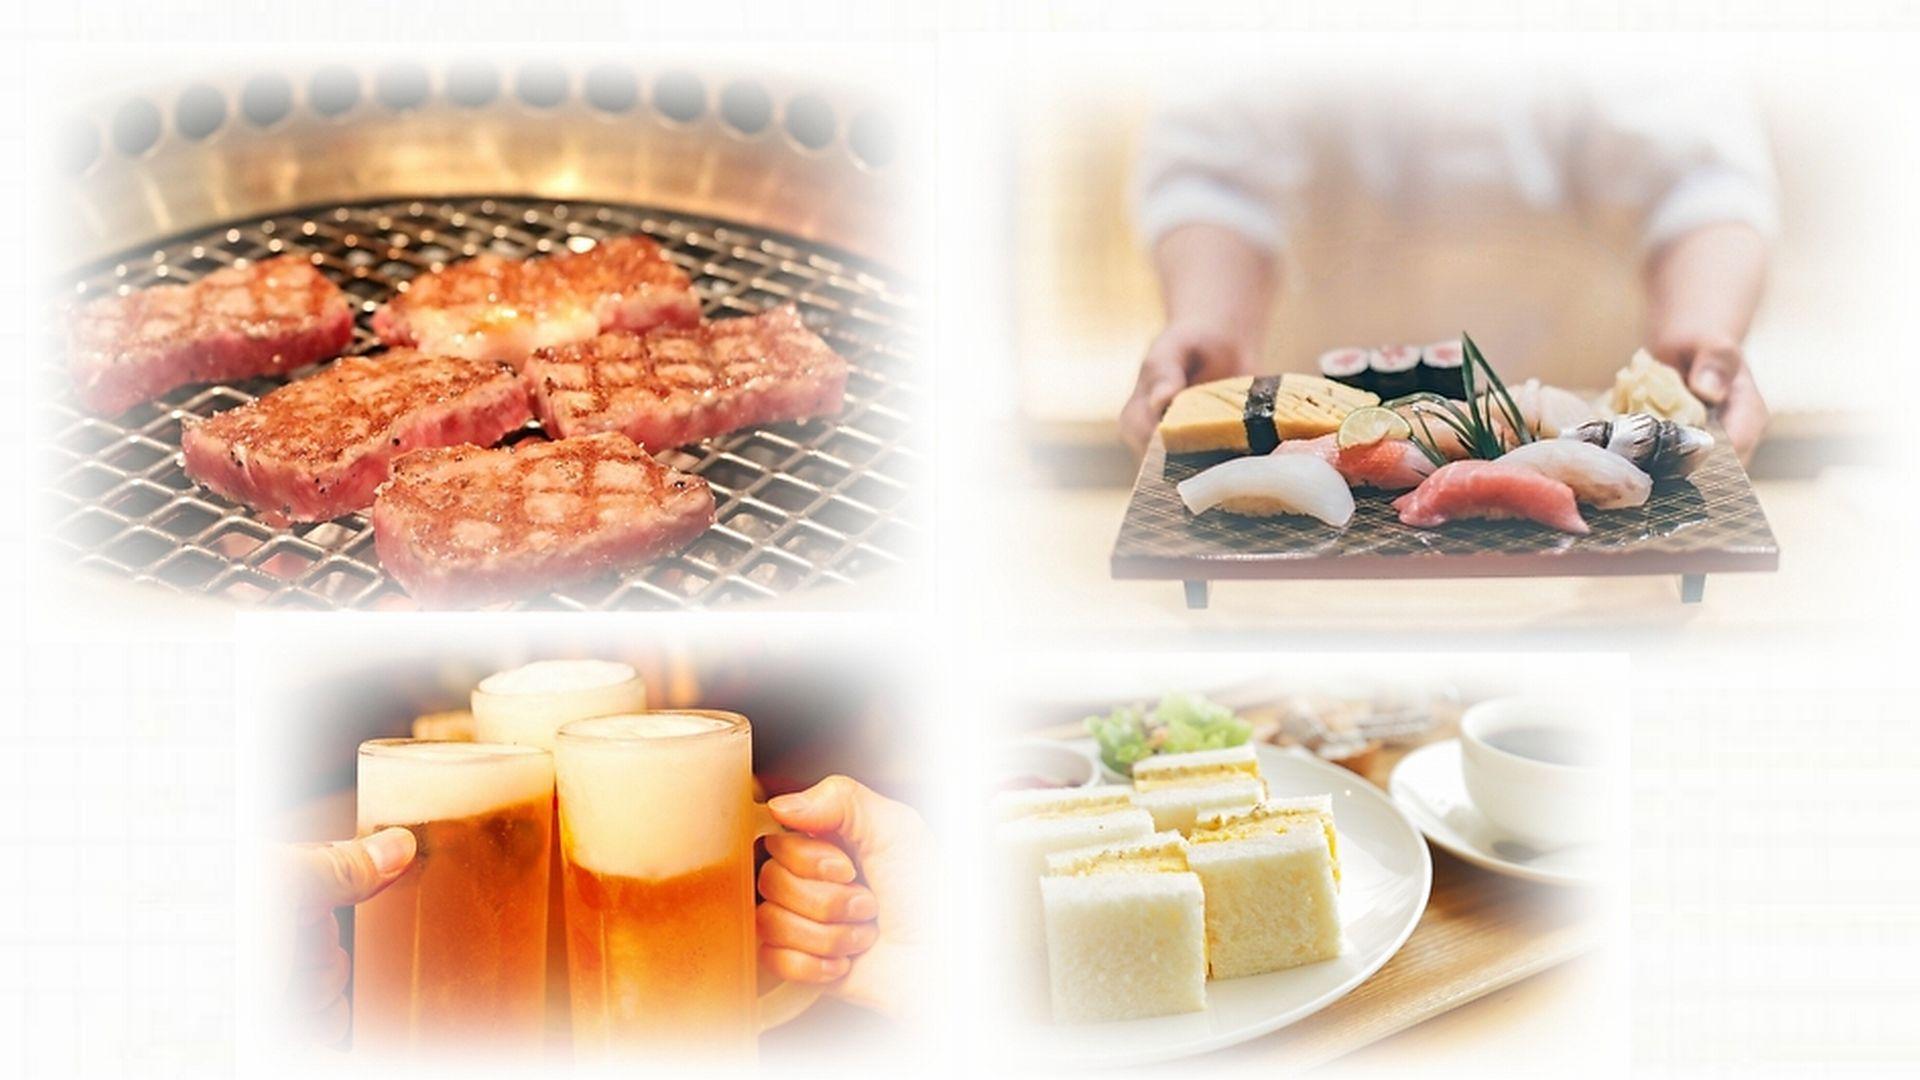 グルメ好きに嬉しい飲食店や居酒屋の食事券がもらえる優待ランキング